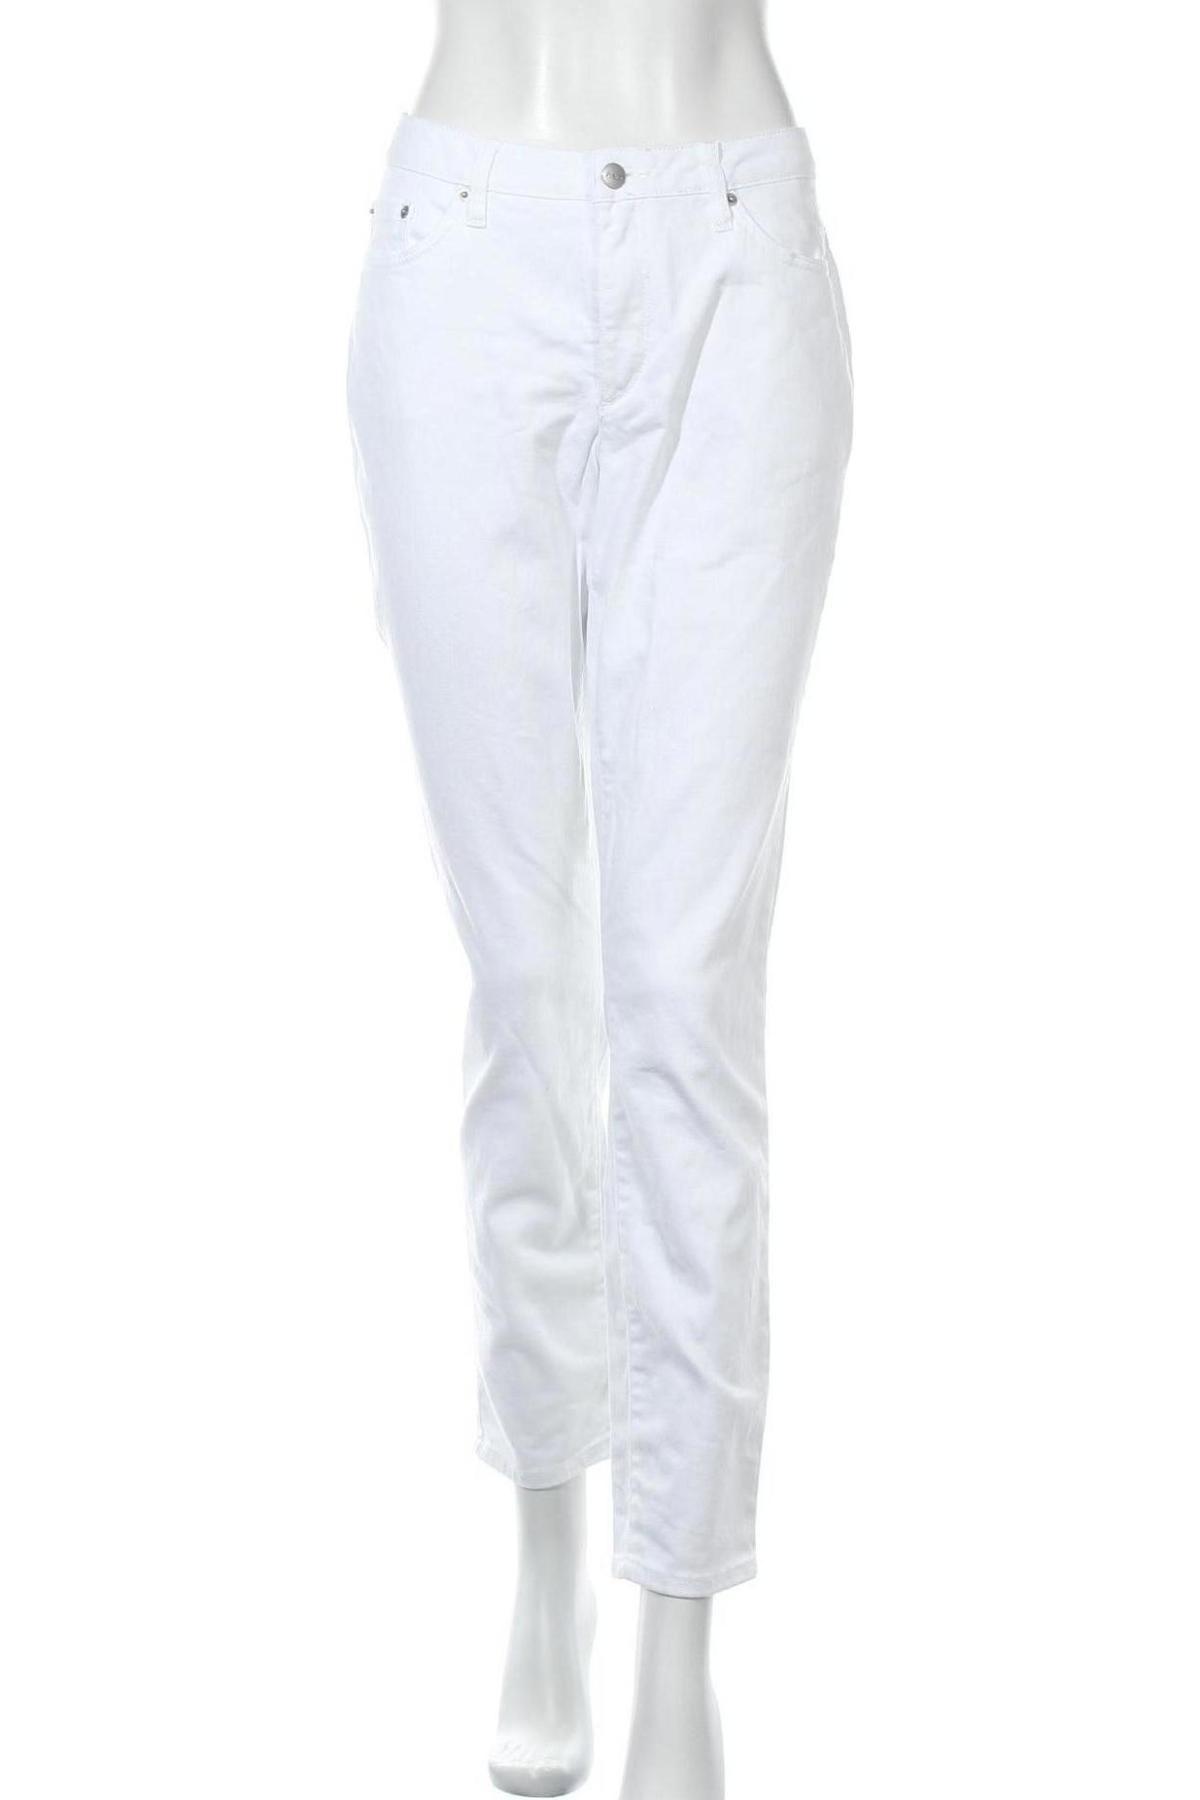 Дамски дънки Aniston, Размер XL, Цвят Бял, 98% памук, 2% еластан, Цена 26,66лв.